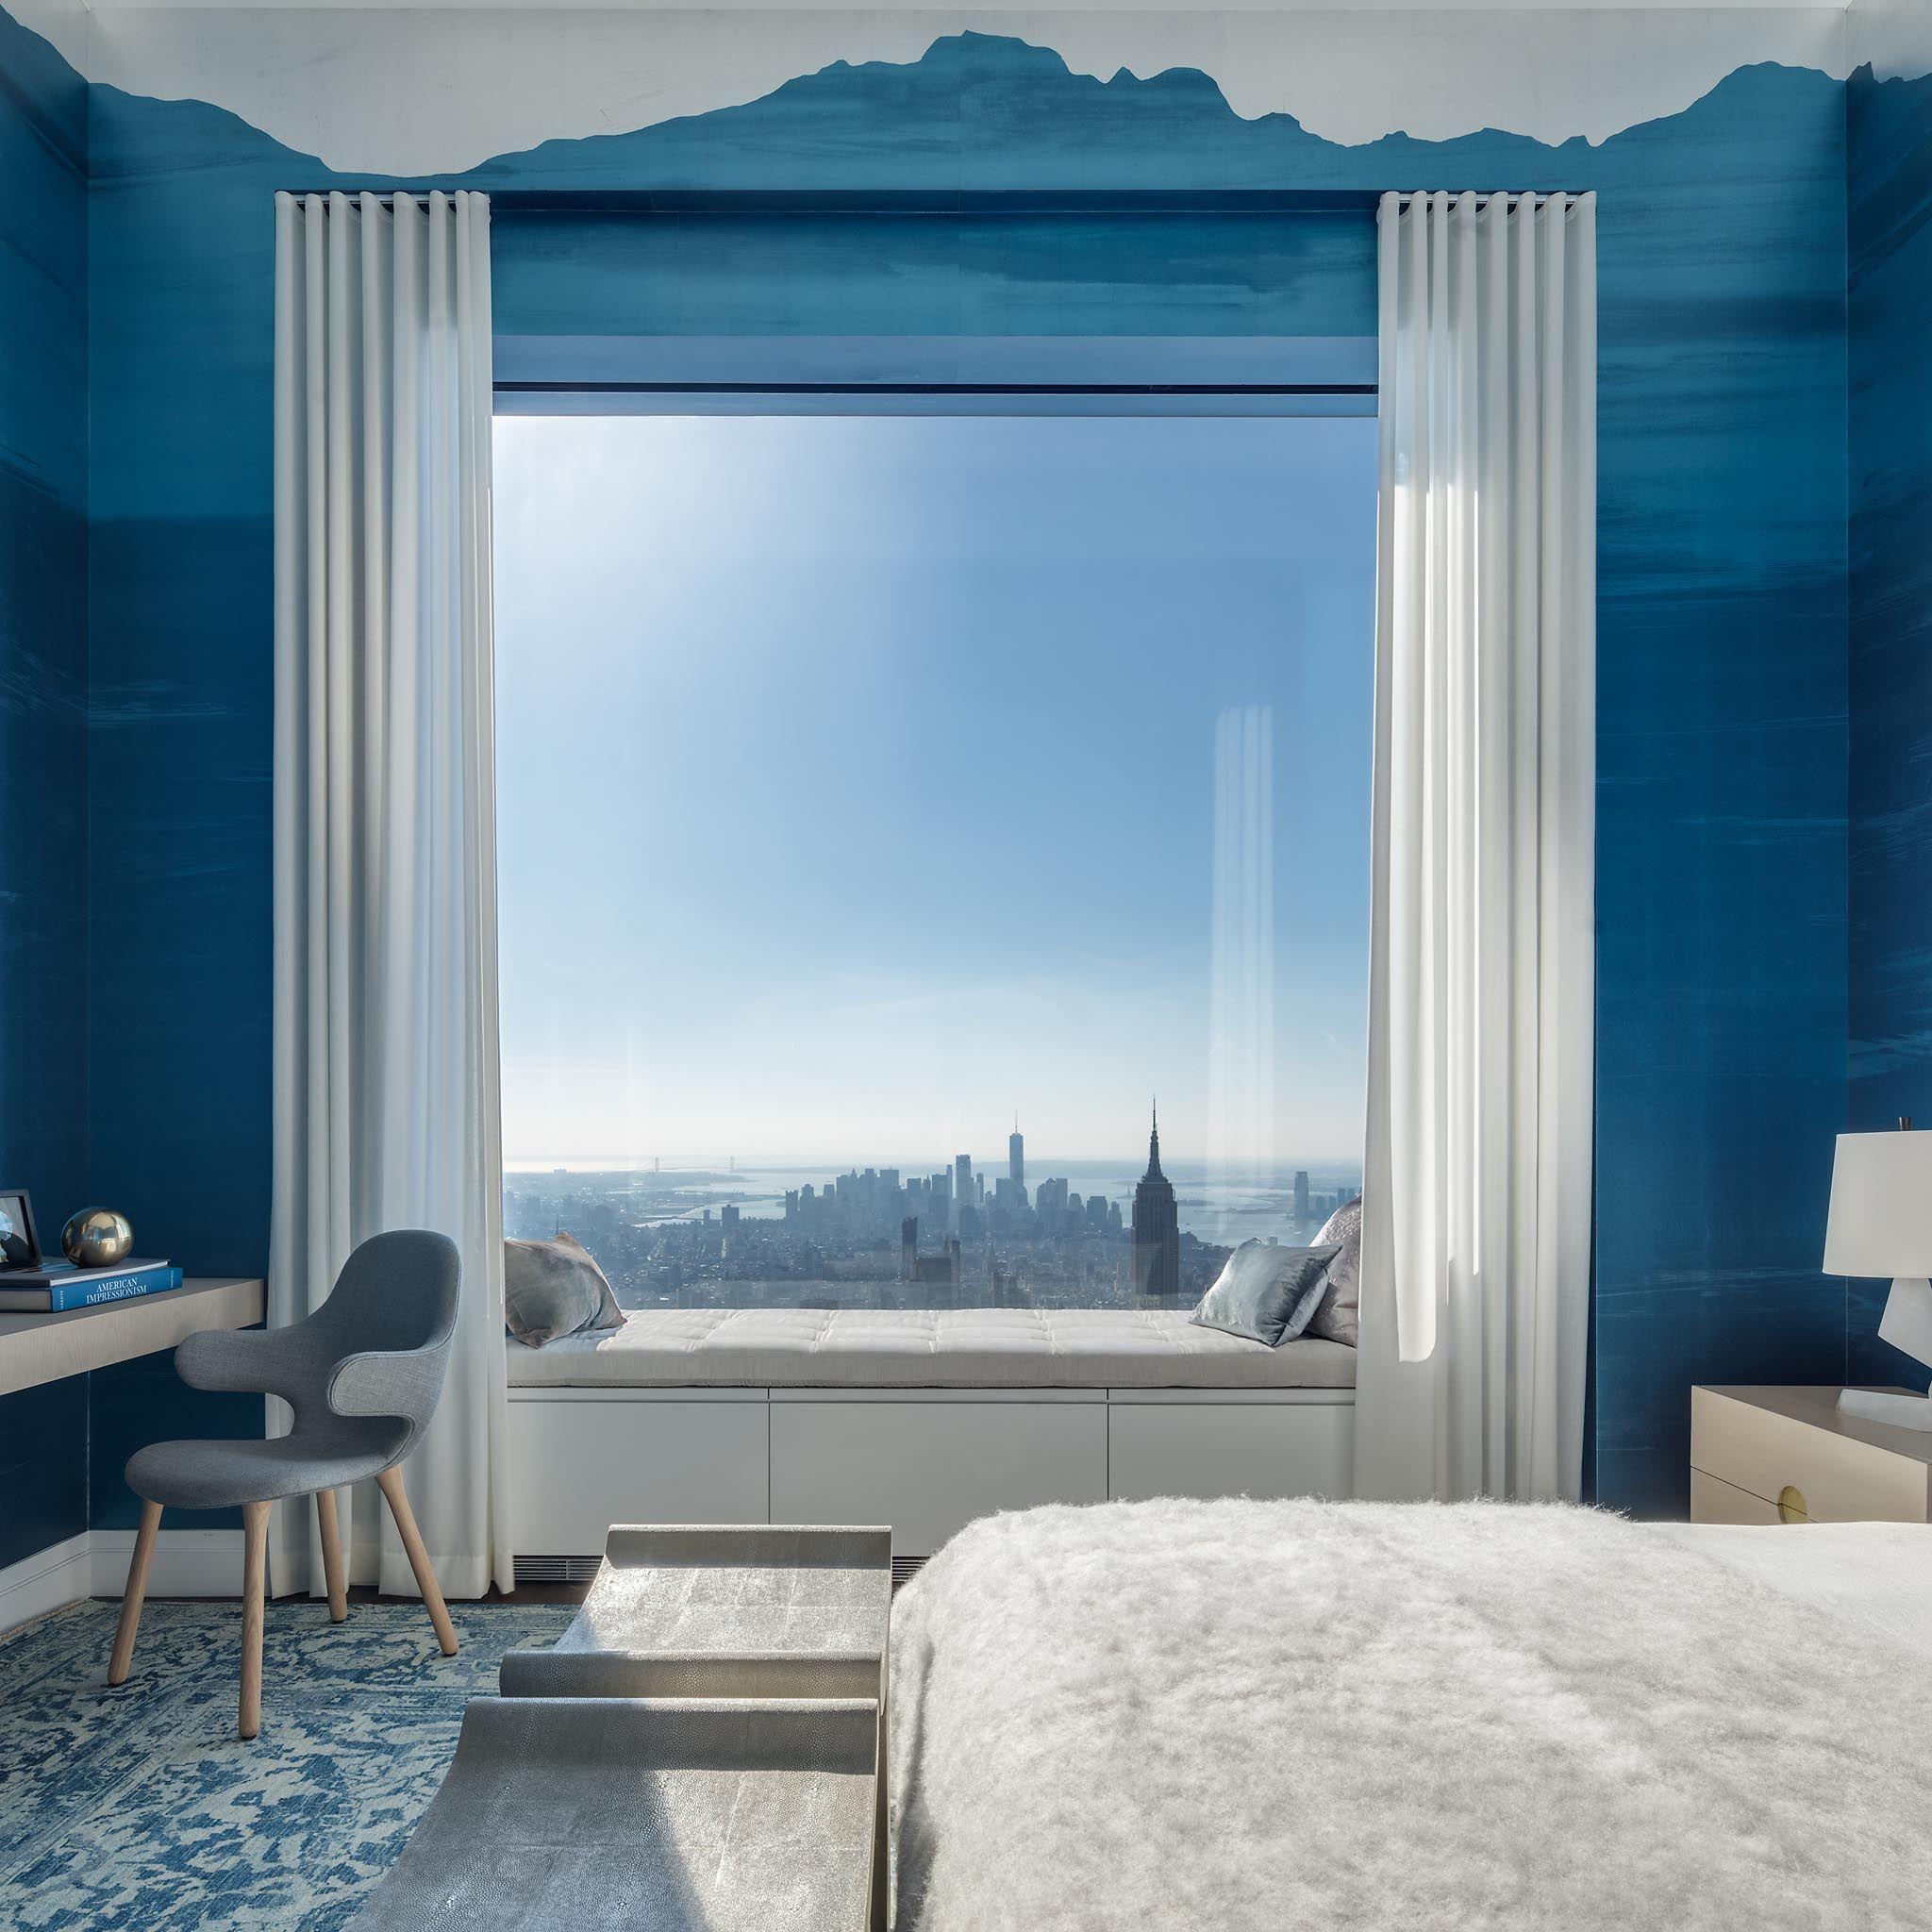 432 Park Avenue Condominiums 432 Park Avenue Luxury Penthouse Pent House